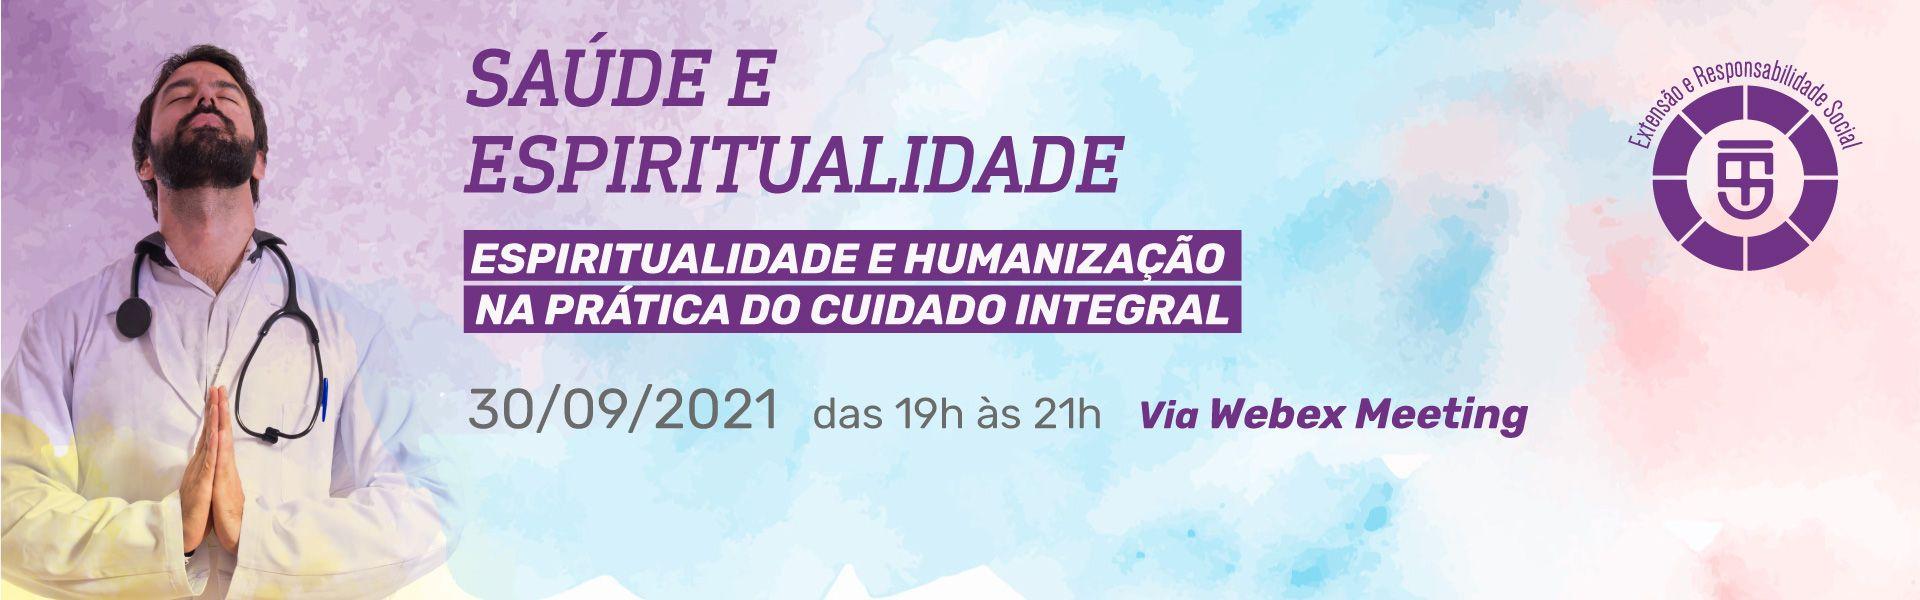 Espiritualidade e Humanização no Cuidado Integral